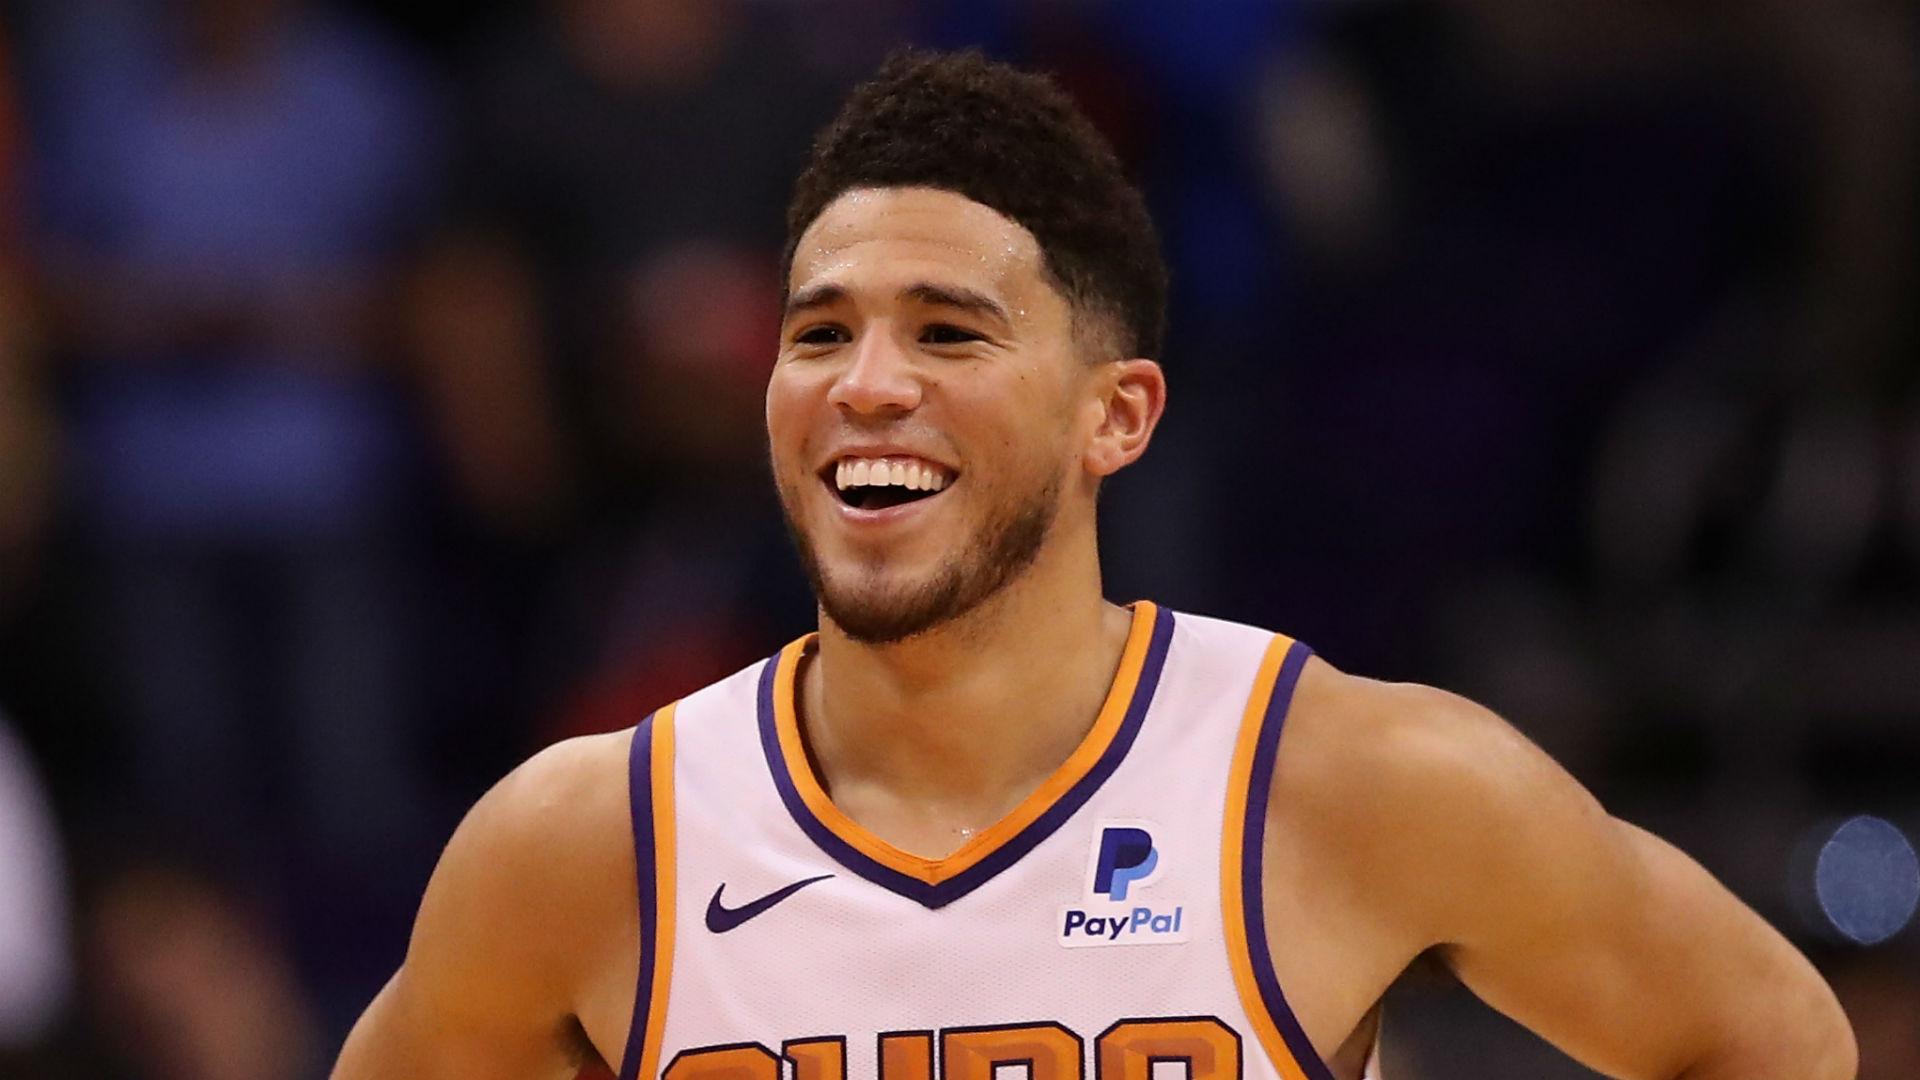 Coronavirus: NBA 2K20 tournament quarter-finals set as Booker, Drummond advance